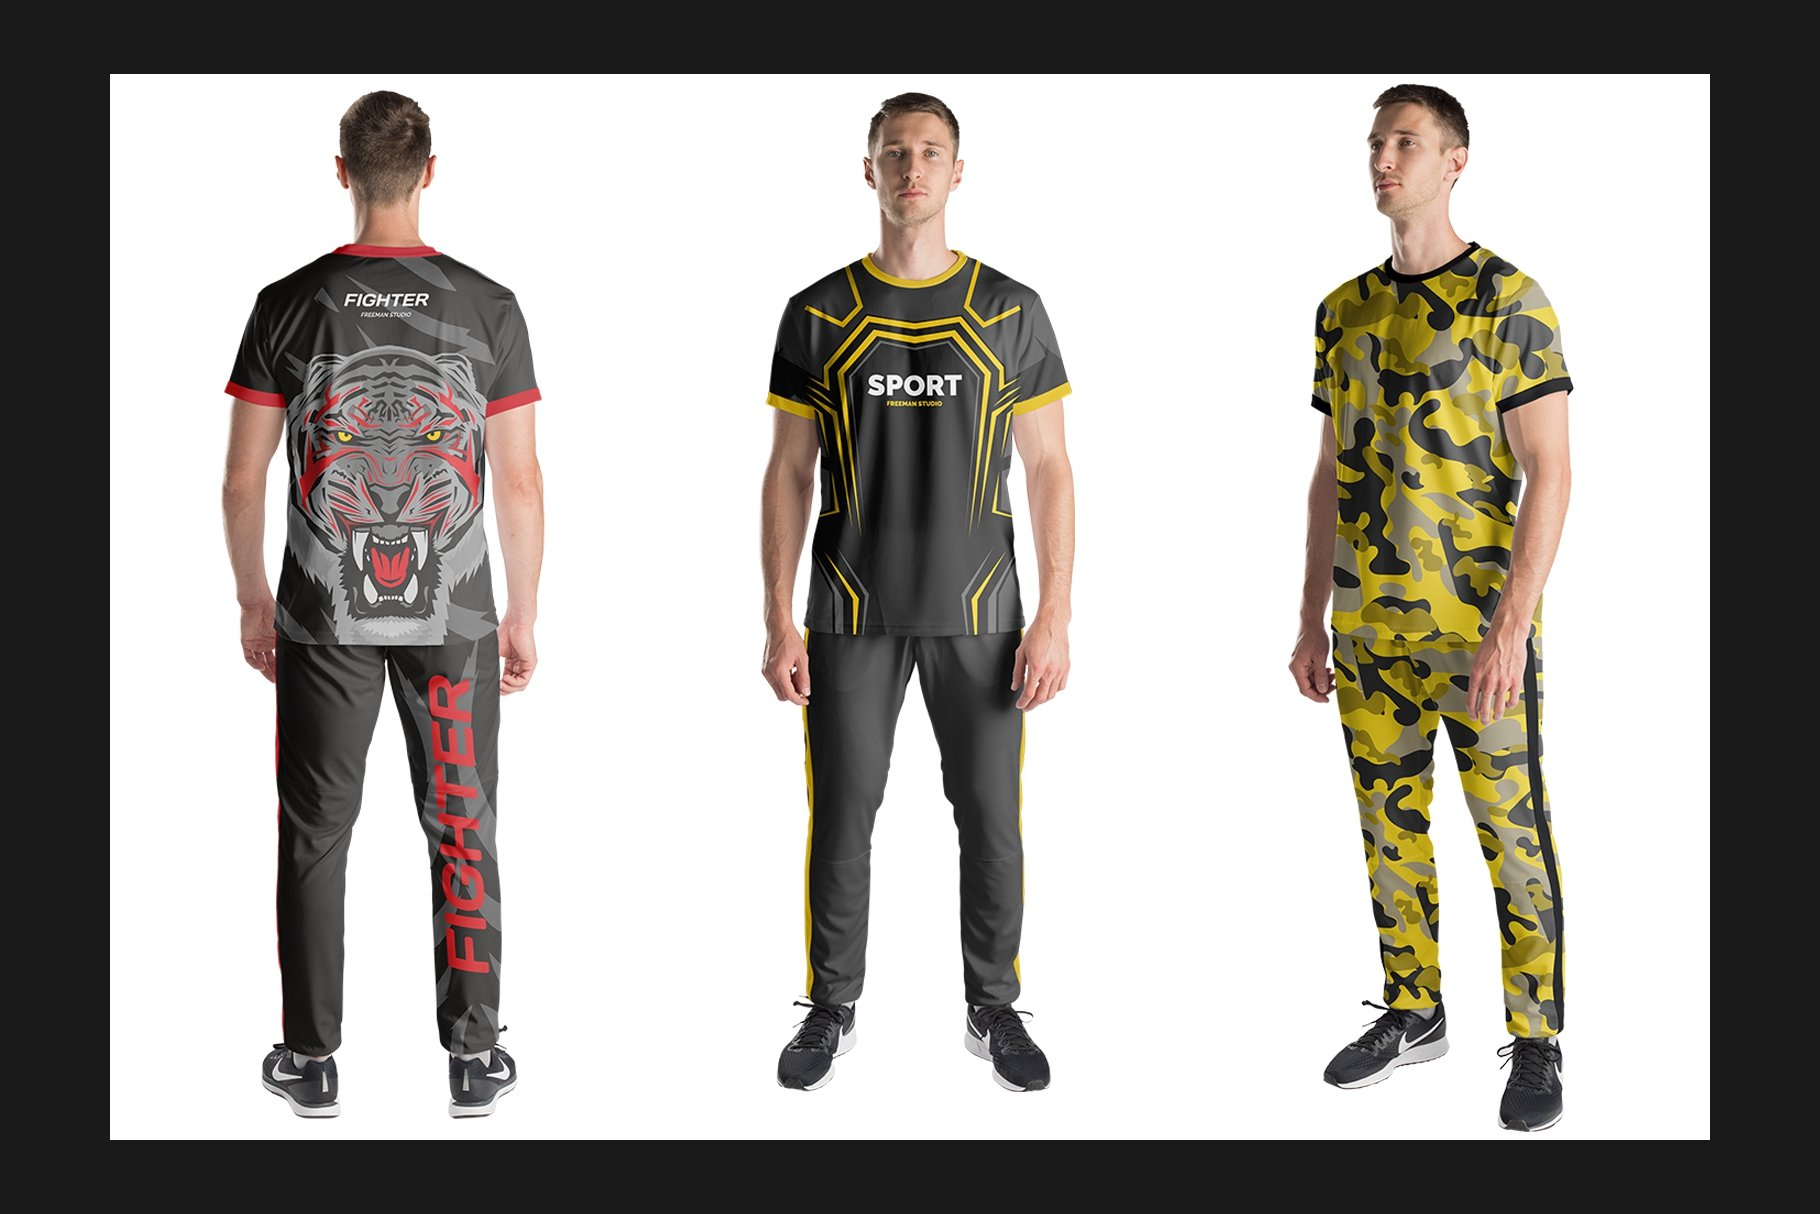 男士运动服饰设计展示样机模板 Sport Apparel Mockup Set插图(5)